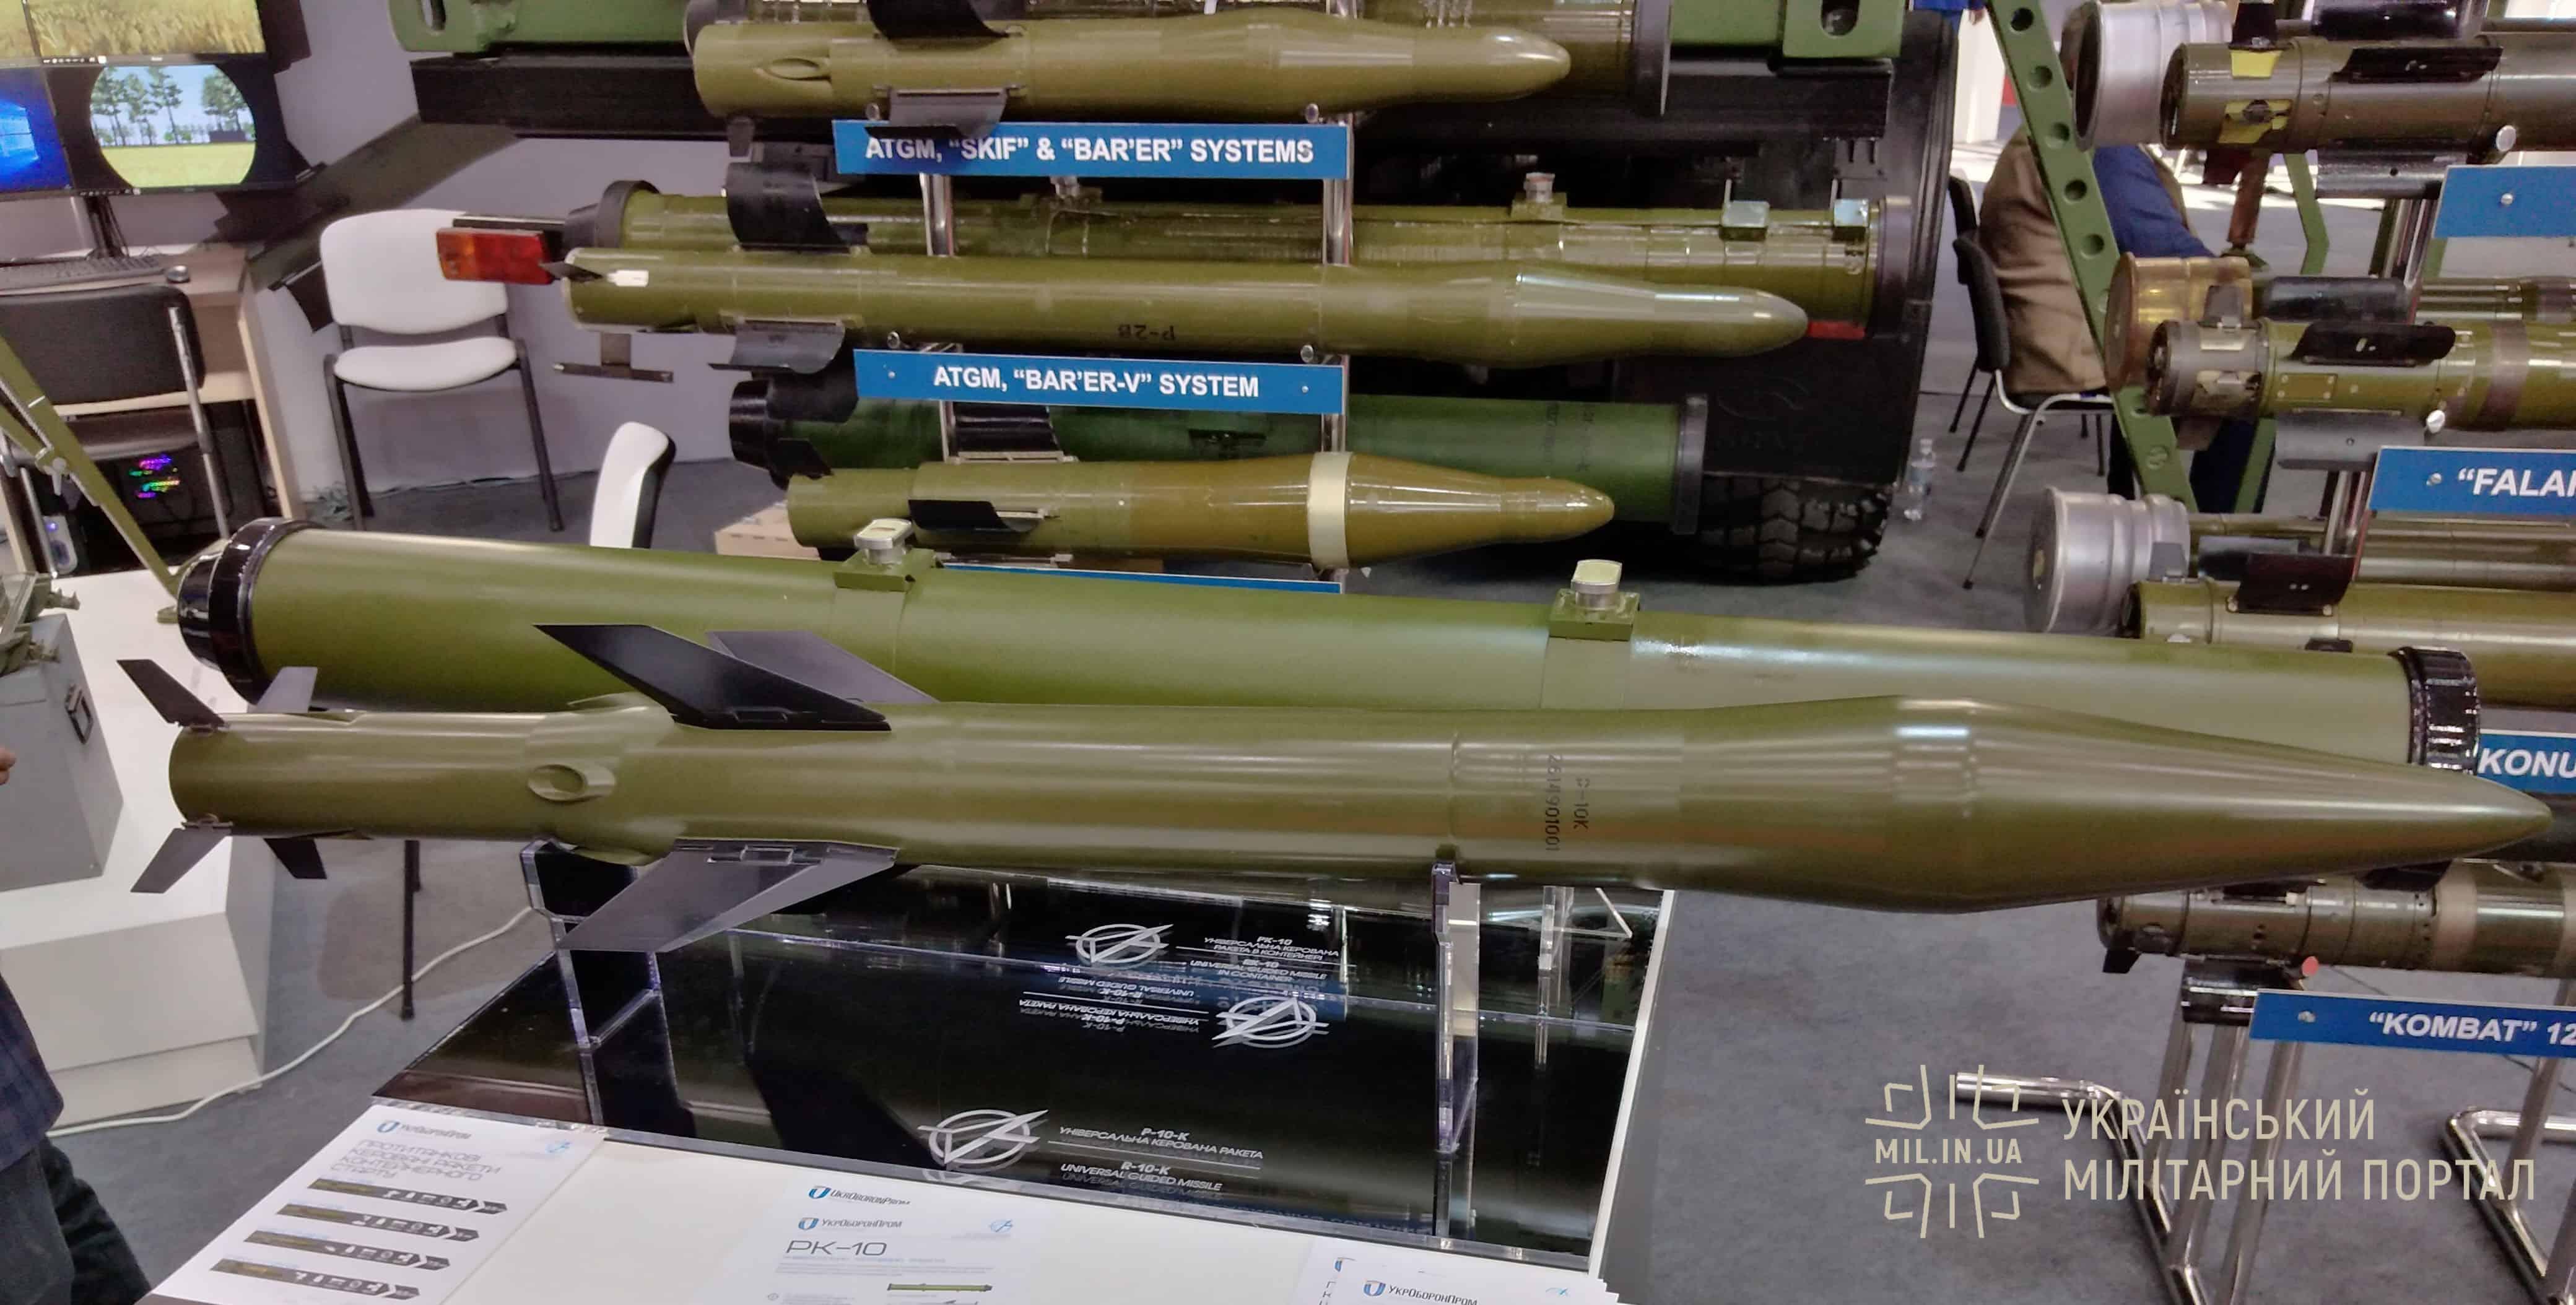 Універсальна керована ракета в контейнері РК-10